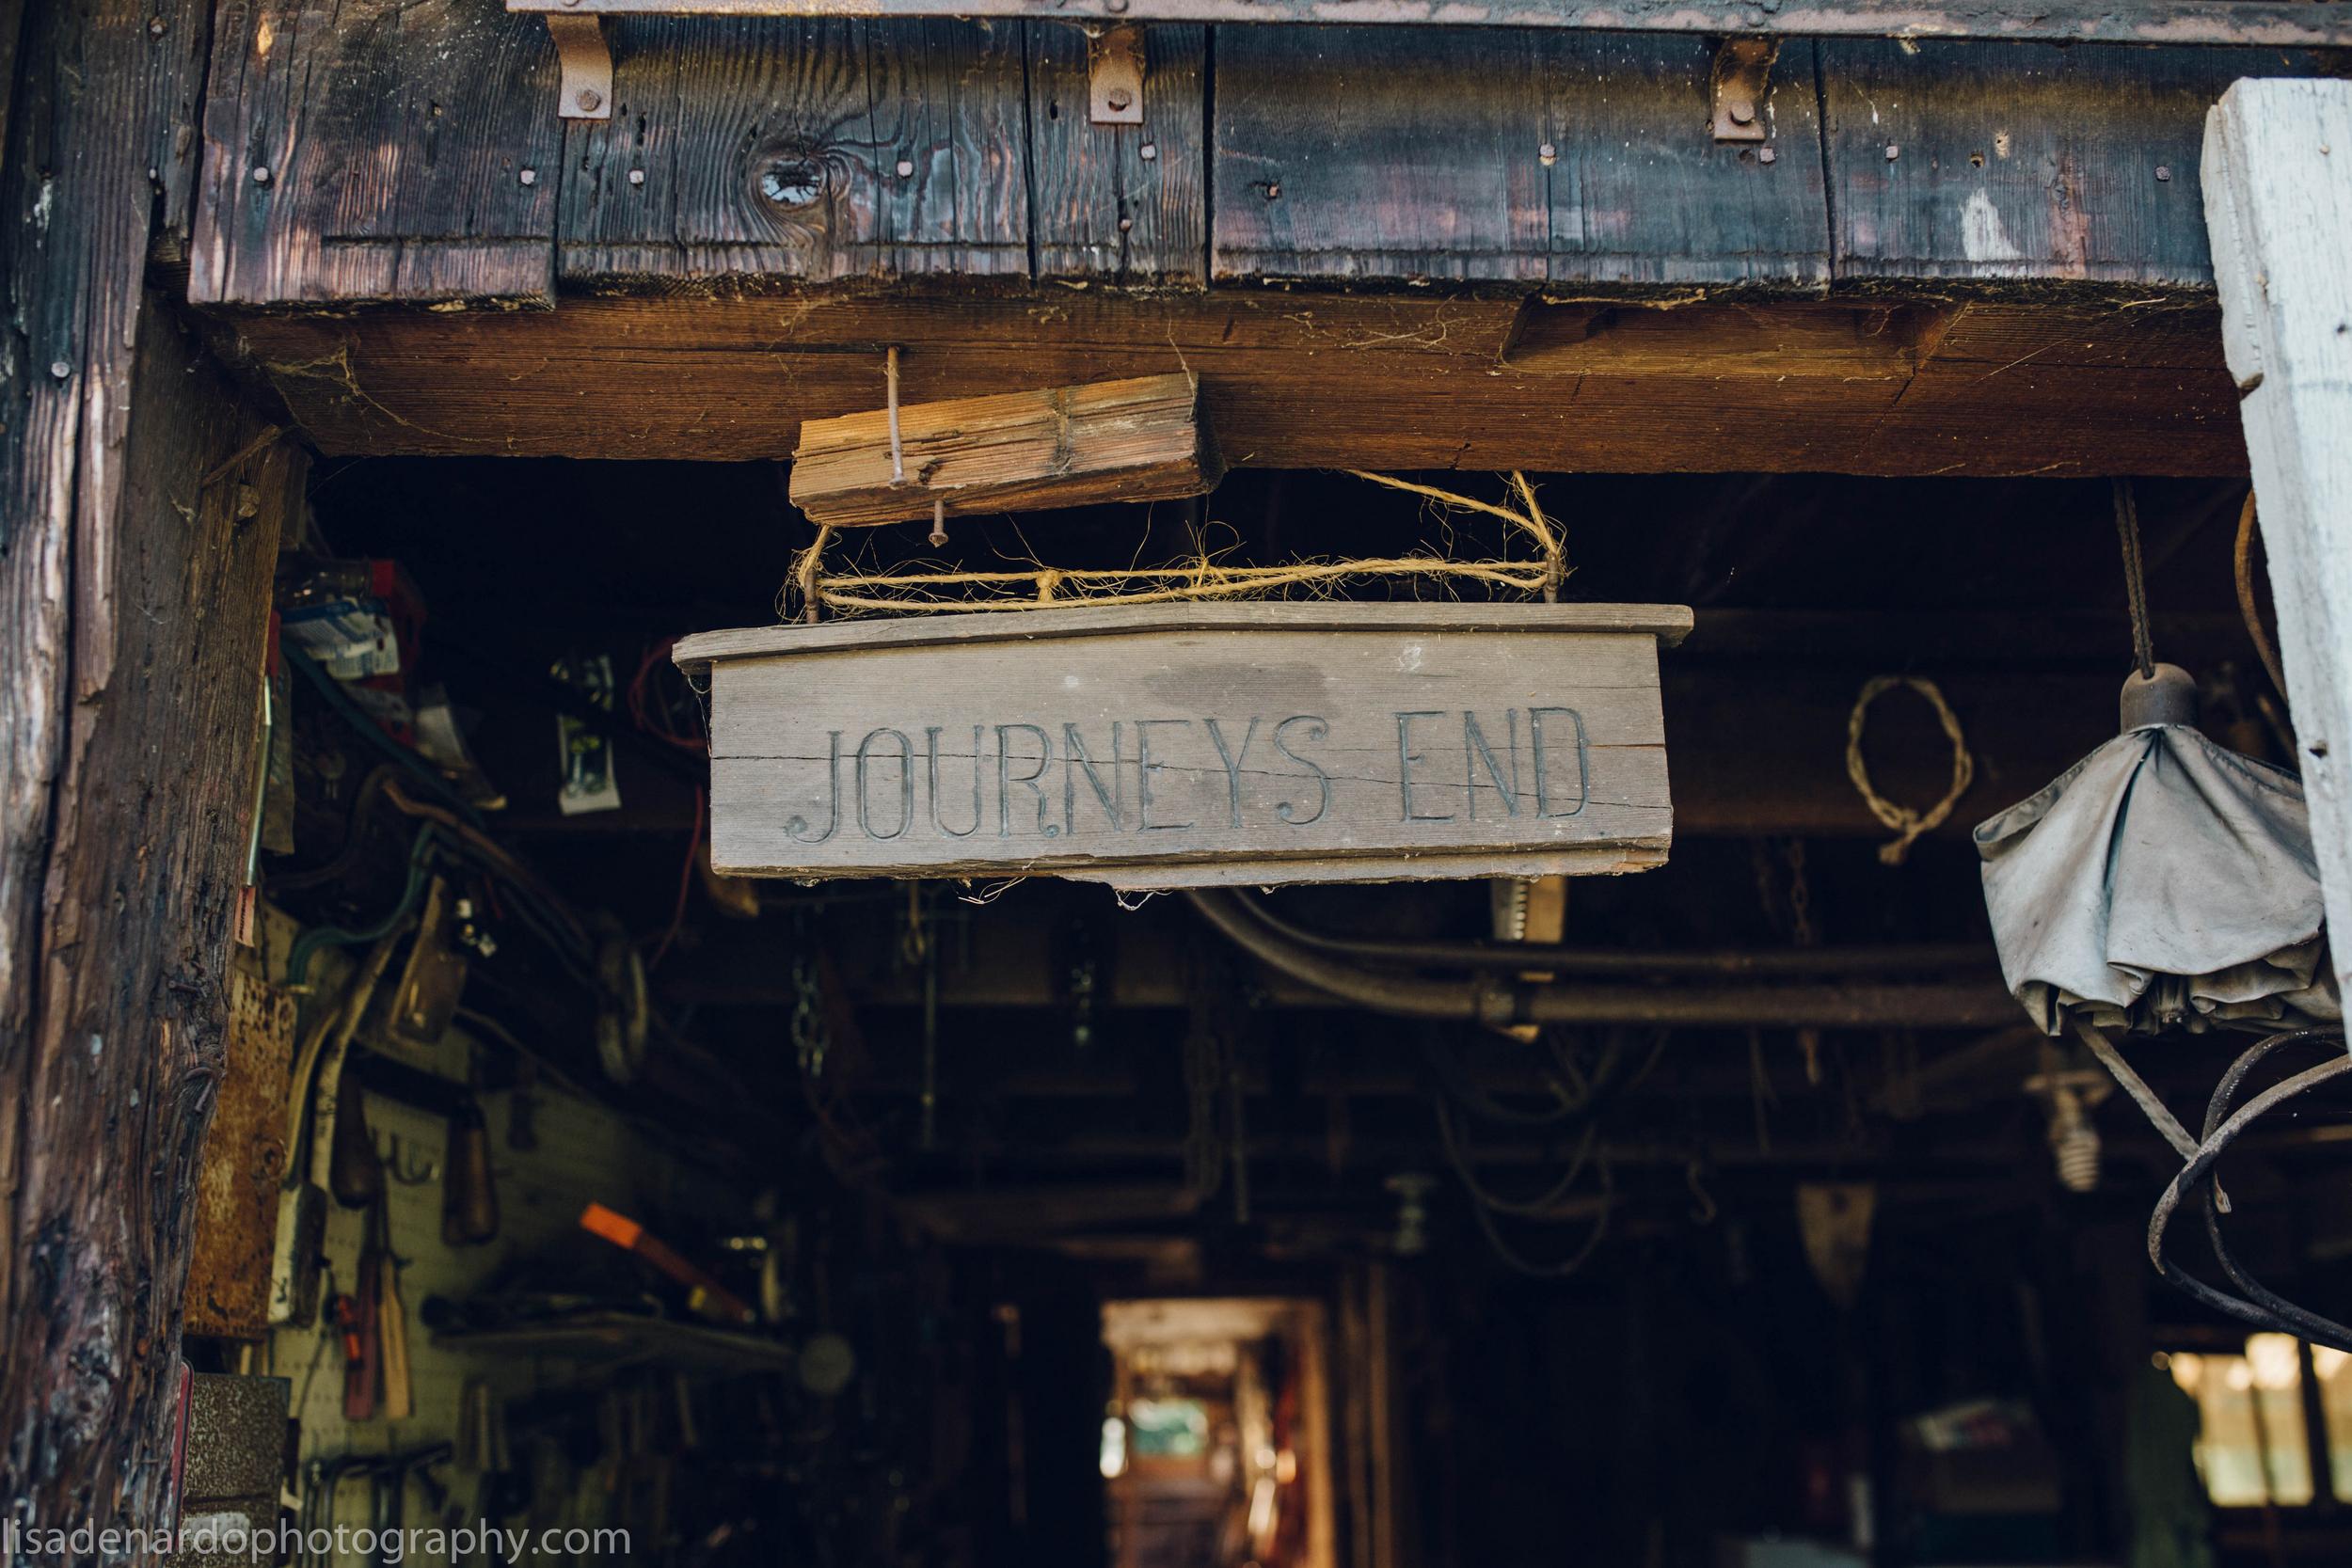 Journey's End Farm Wood Shop